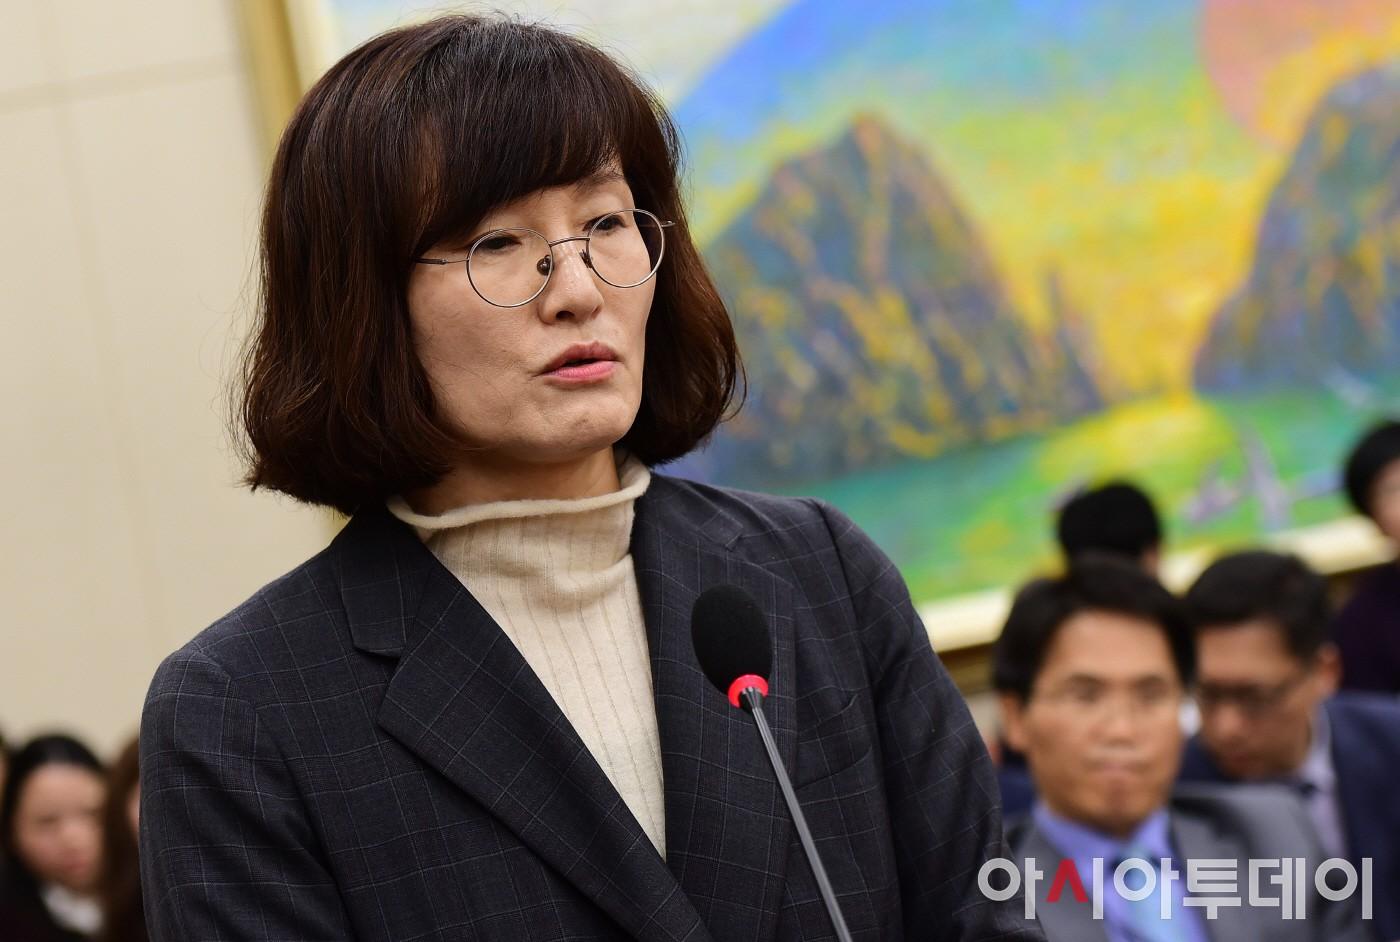 국감 증인 나선 유선주 공정위 심판관리관